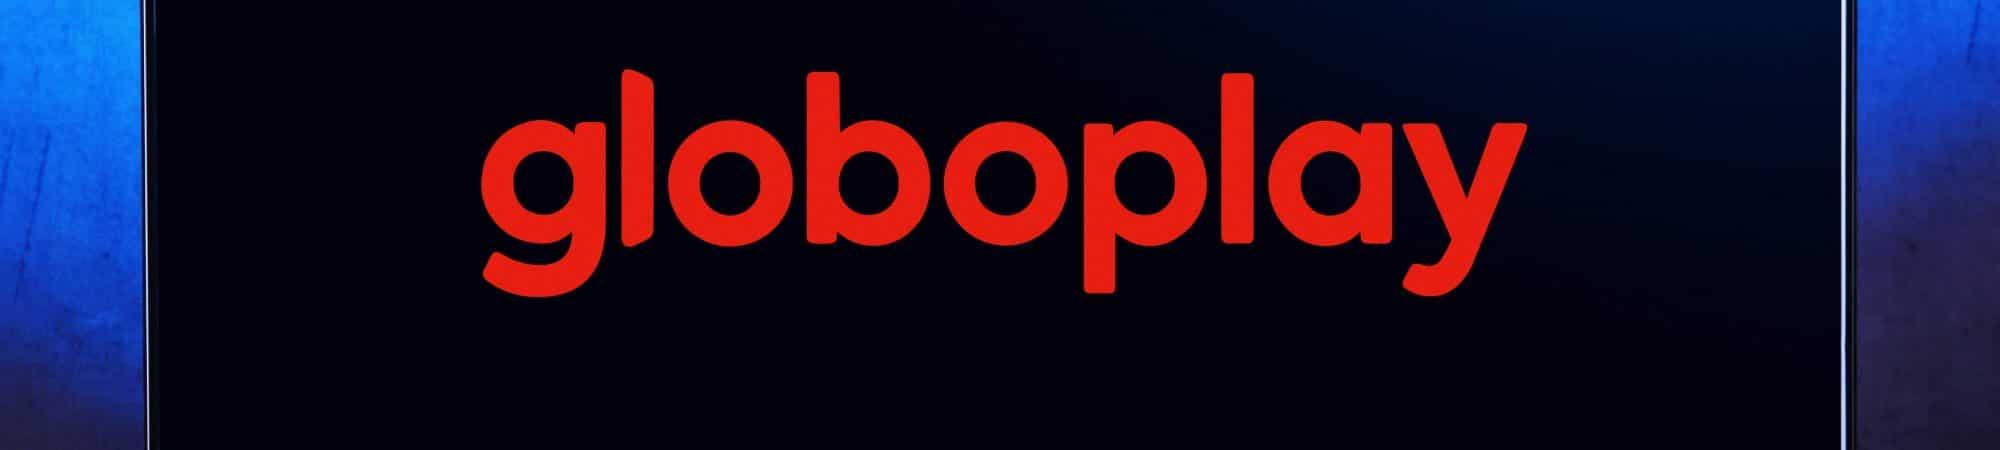 Logo da Globoplay em uma televisão